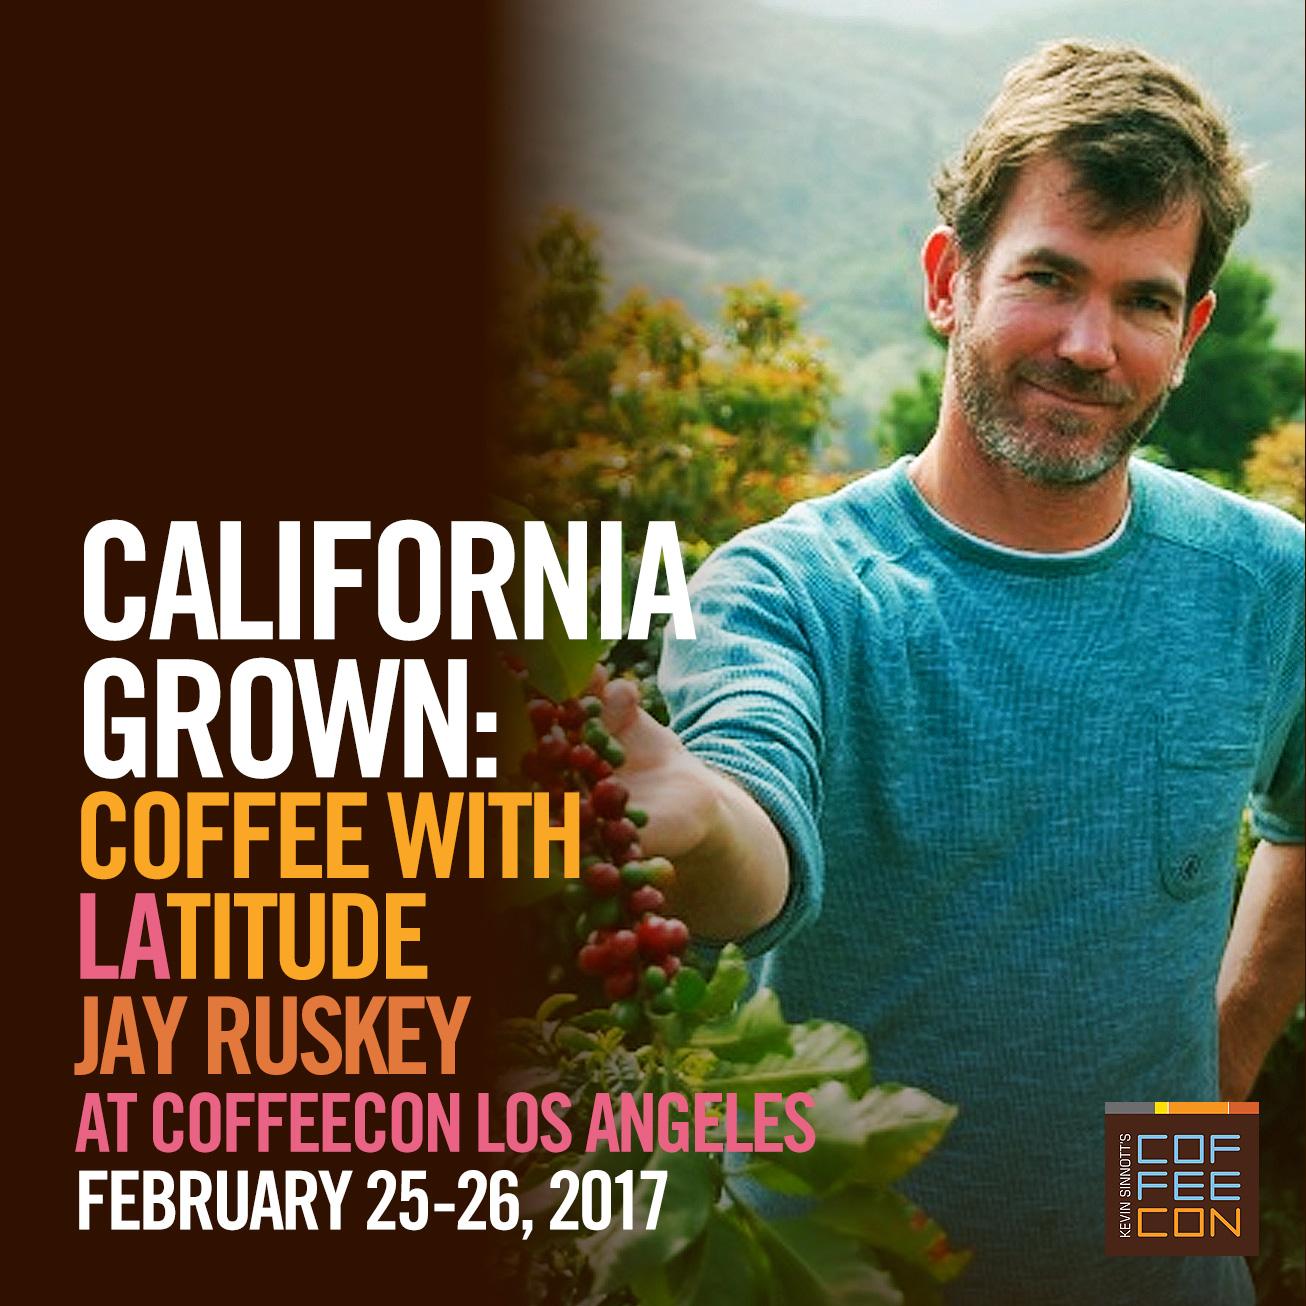 California Grown Coffee: Coffee with LAtitude at CoffeeConLA 2017